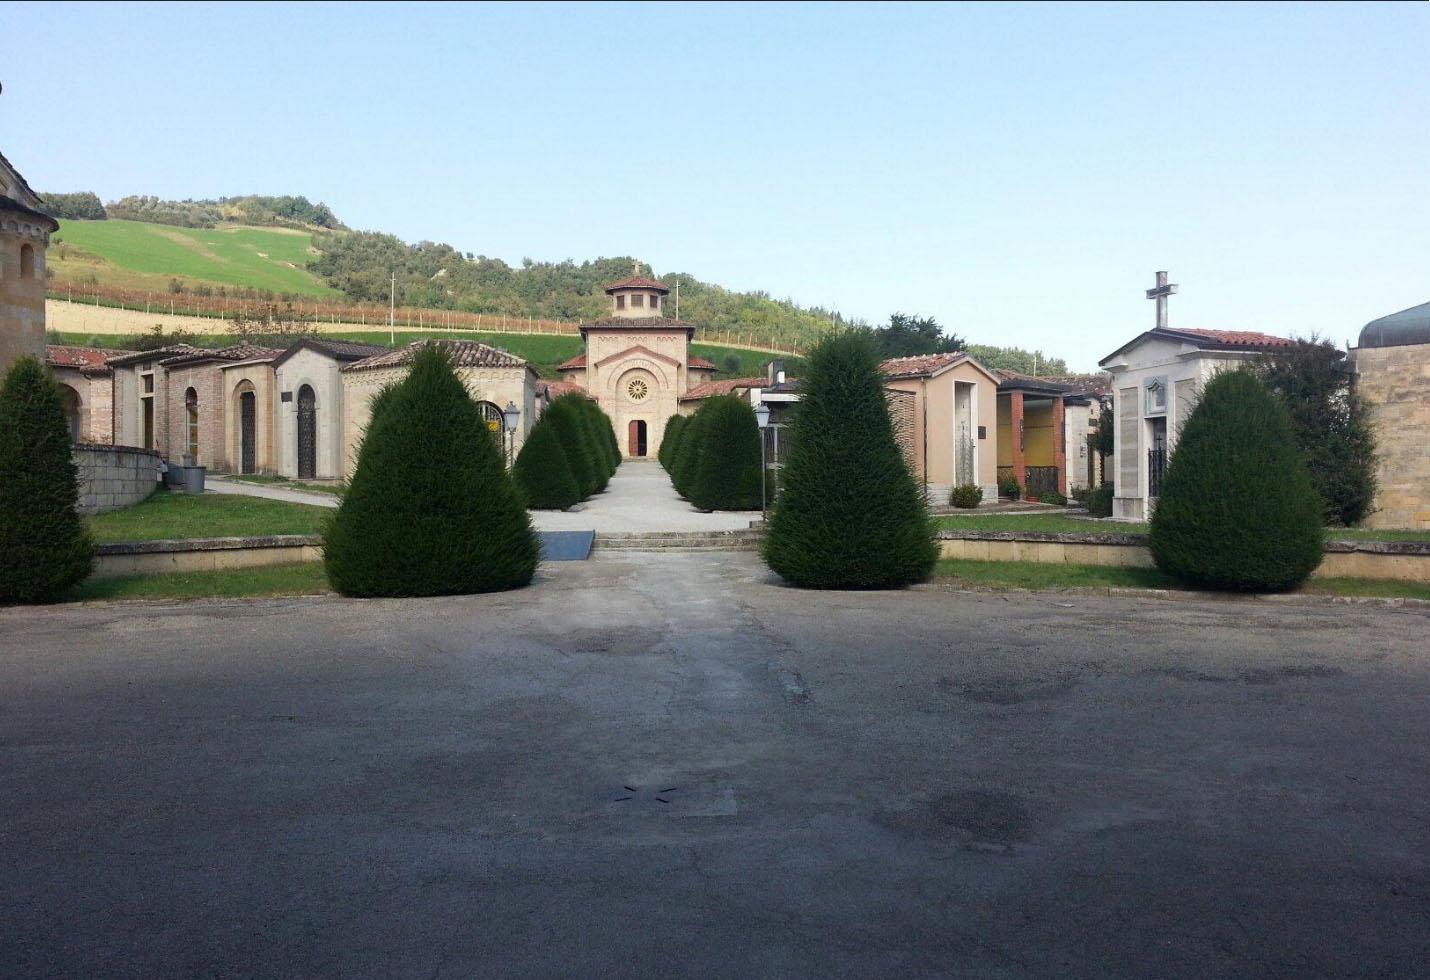 Predappio: in due cappelle due premier, <br />Mussolini e Zoli, ci ricordano due Italie